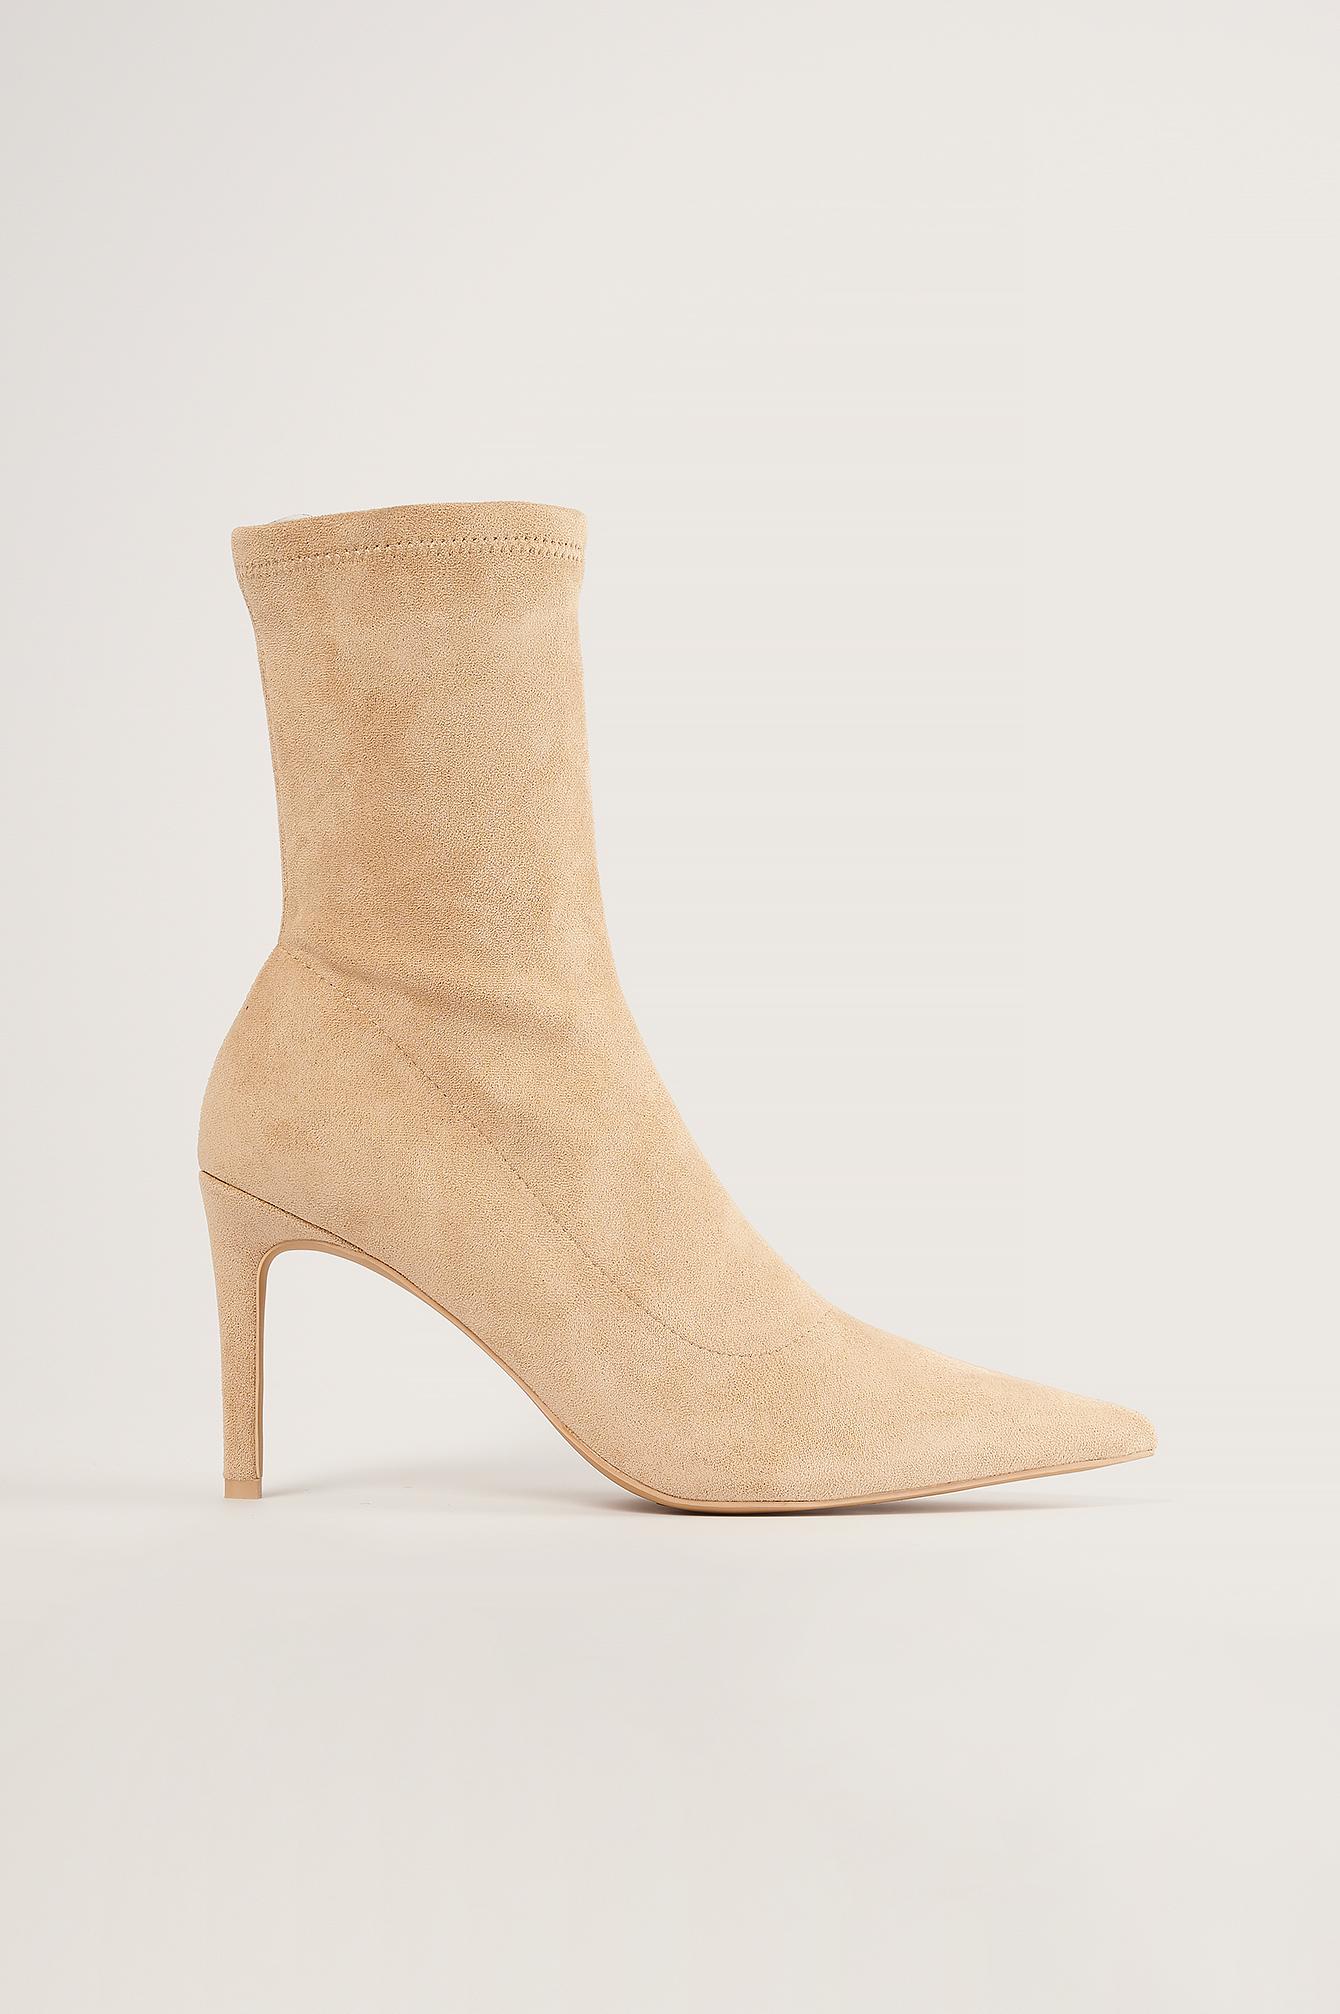 na-kd shoes -  Spitze Stiefel Mit Hohem Absatz - Beige